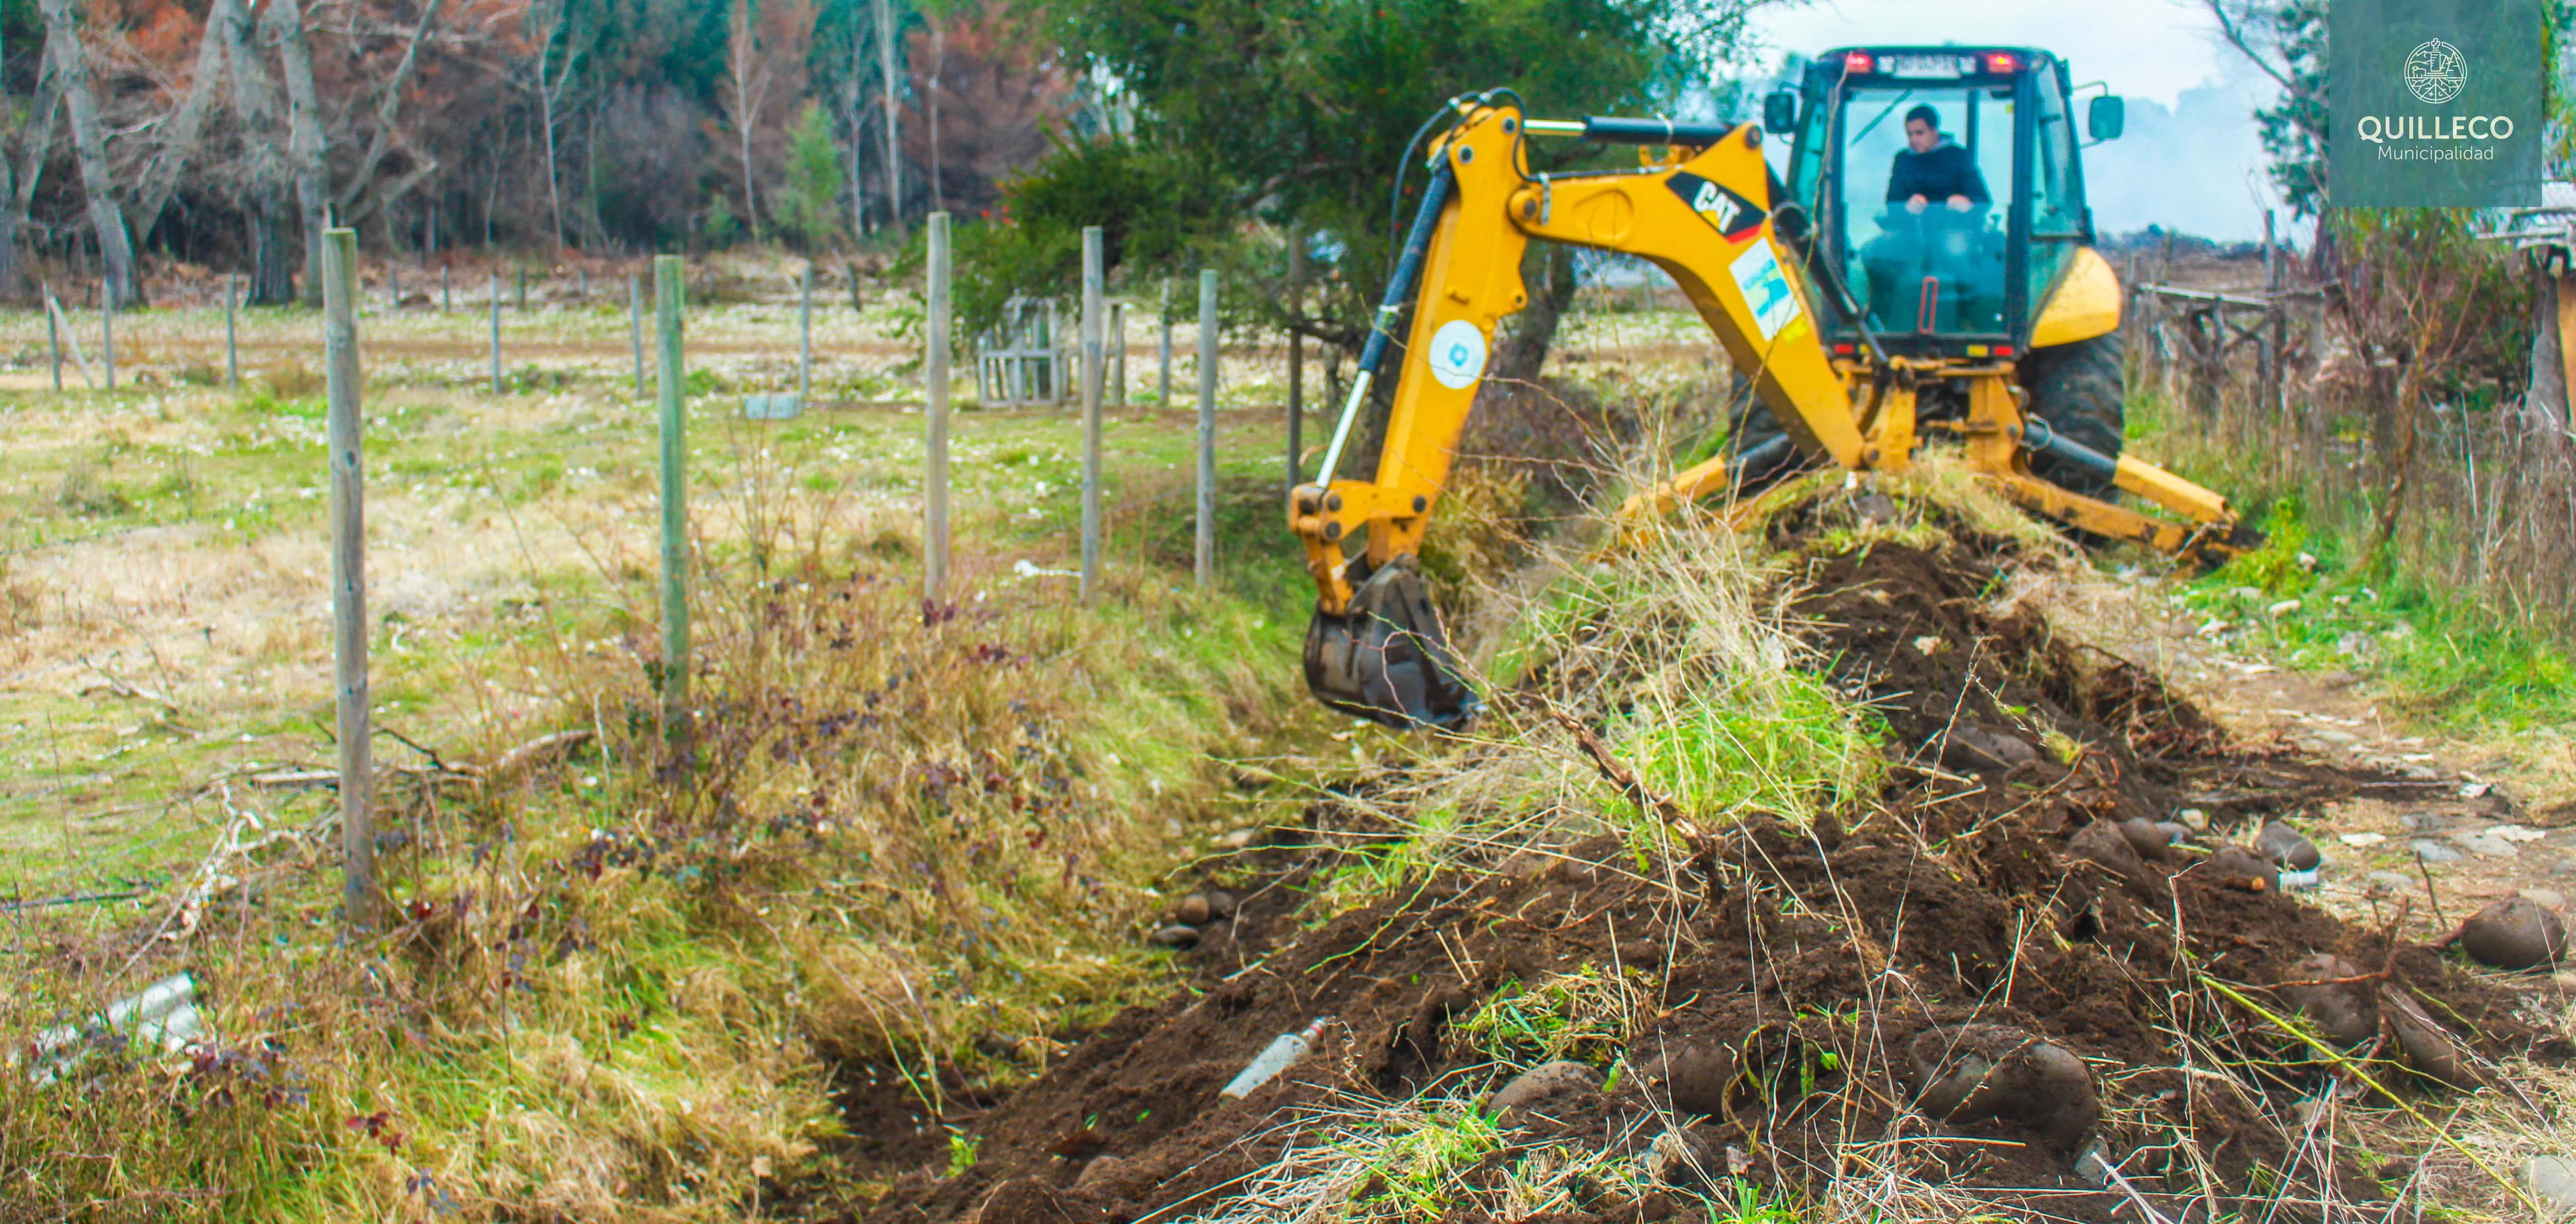 Trabajos de limpieza se realizan en distintos puntos de la comuna para afrontar eventos de fuertes lluvias y vientos.